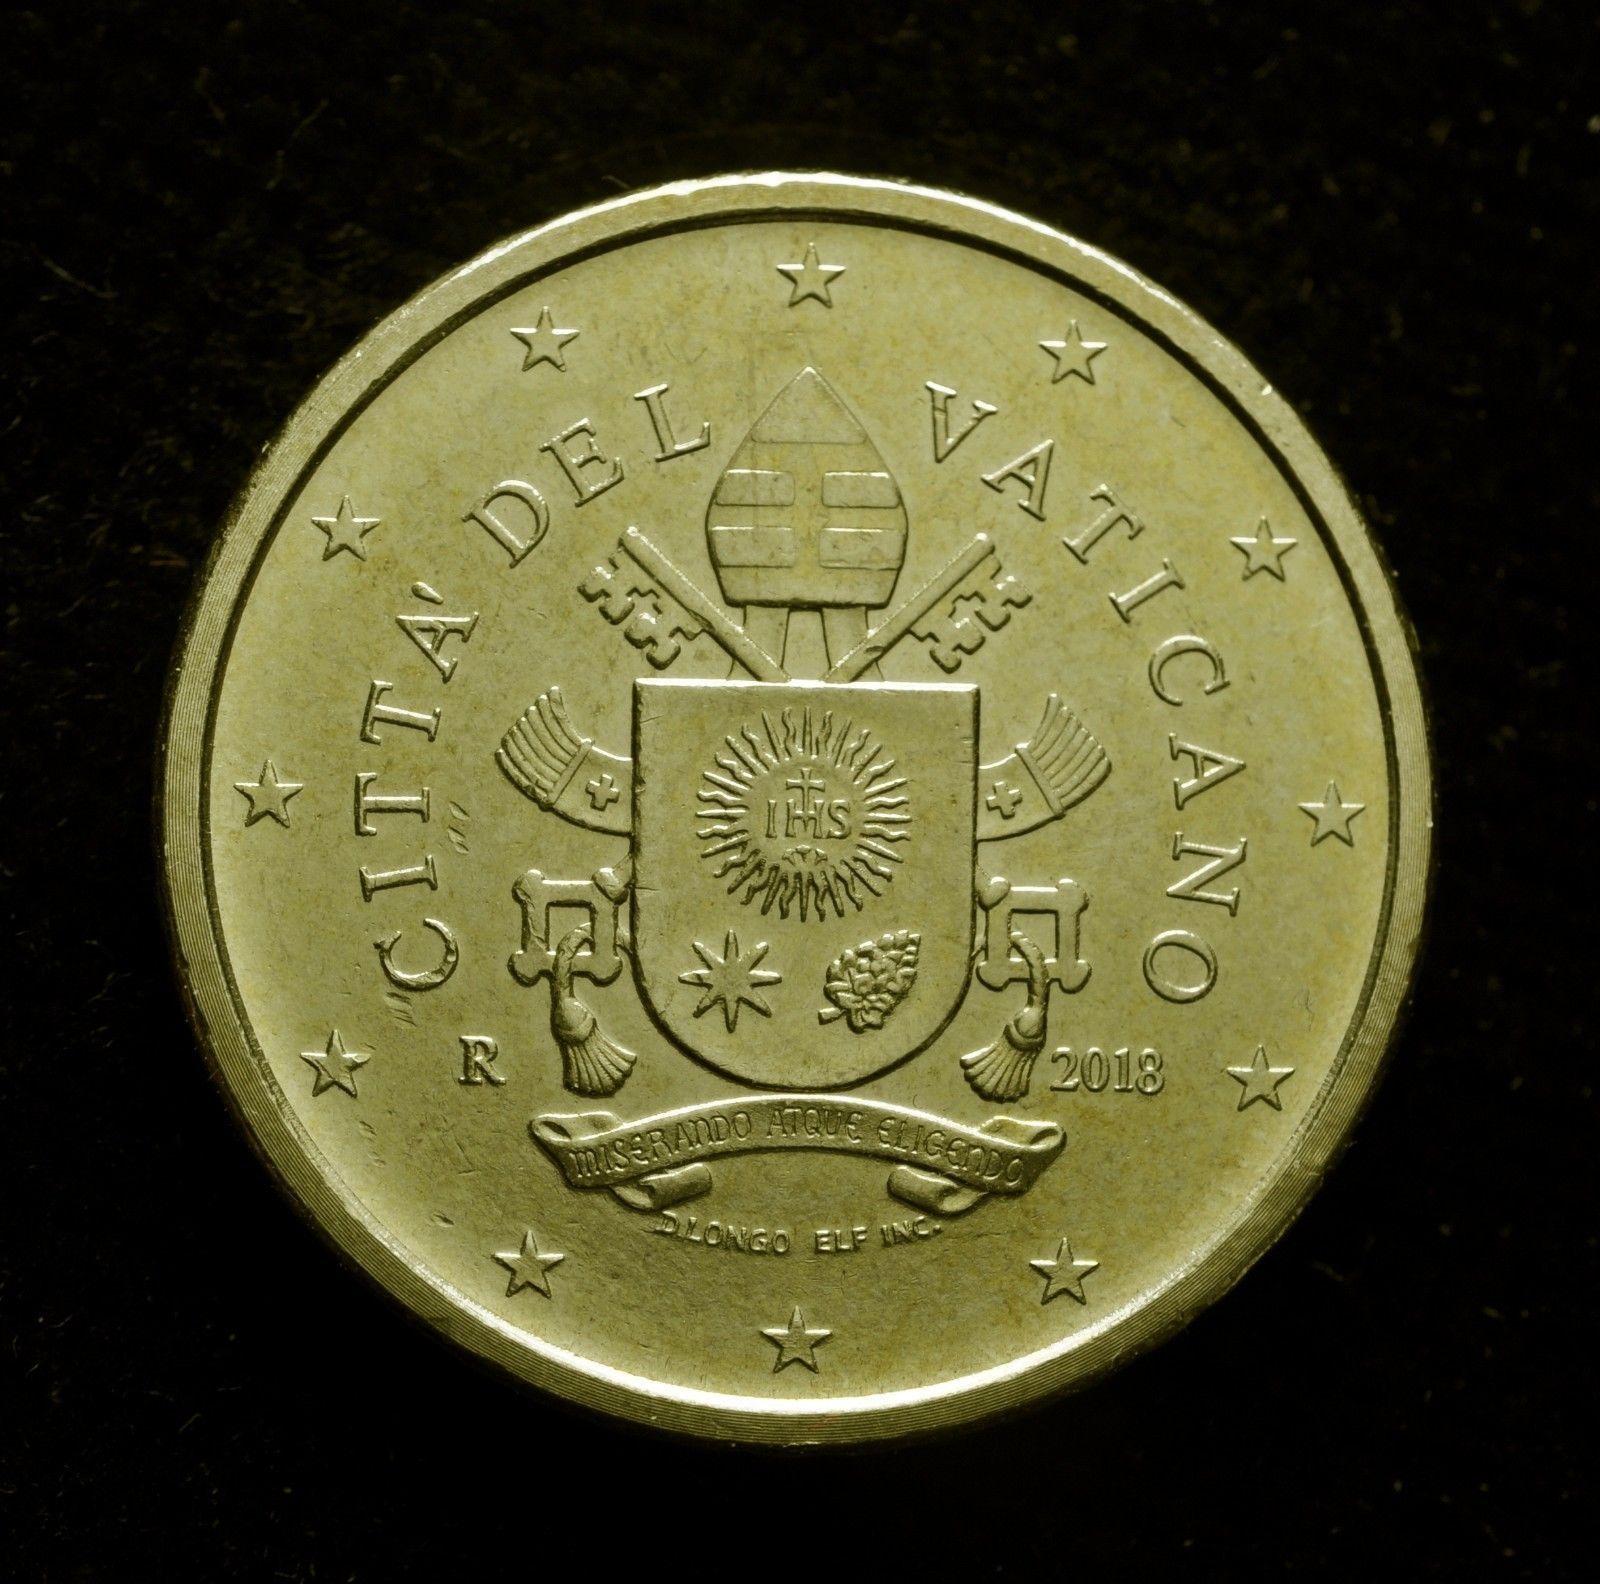 I 50 centesimi vaticani, qui un esemplare con data 2018, sono la moneta scelta per essere inserita nelle coin card prosotte dall'UFN